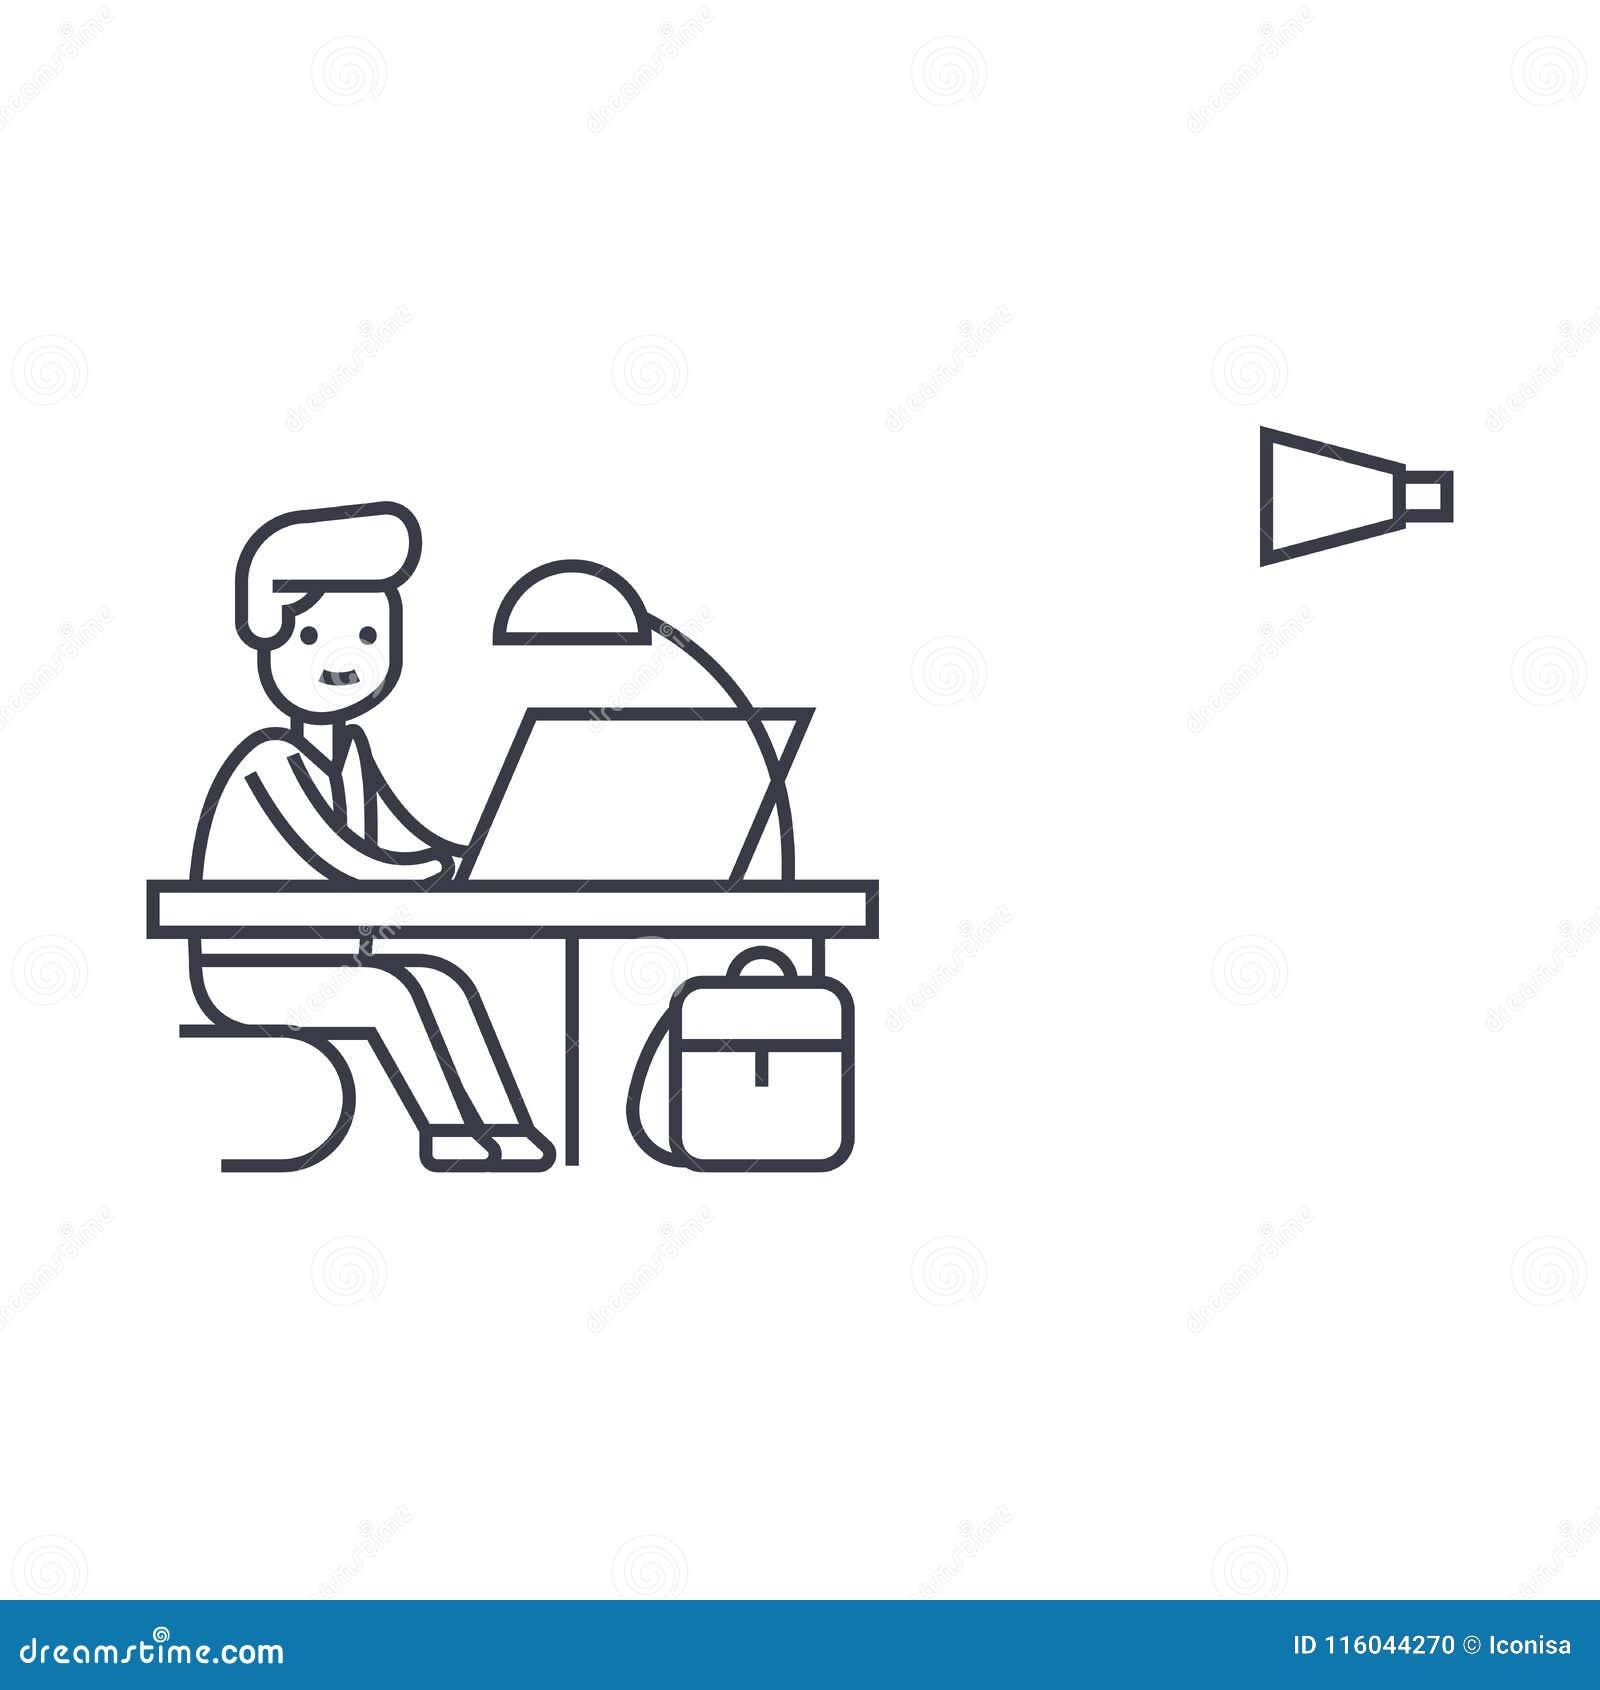 Linje symbol, tecken, illustration för vektor för kontorsarbete på bakgrund, redigerbara slaglängder